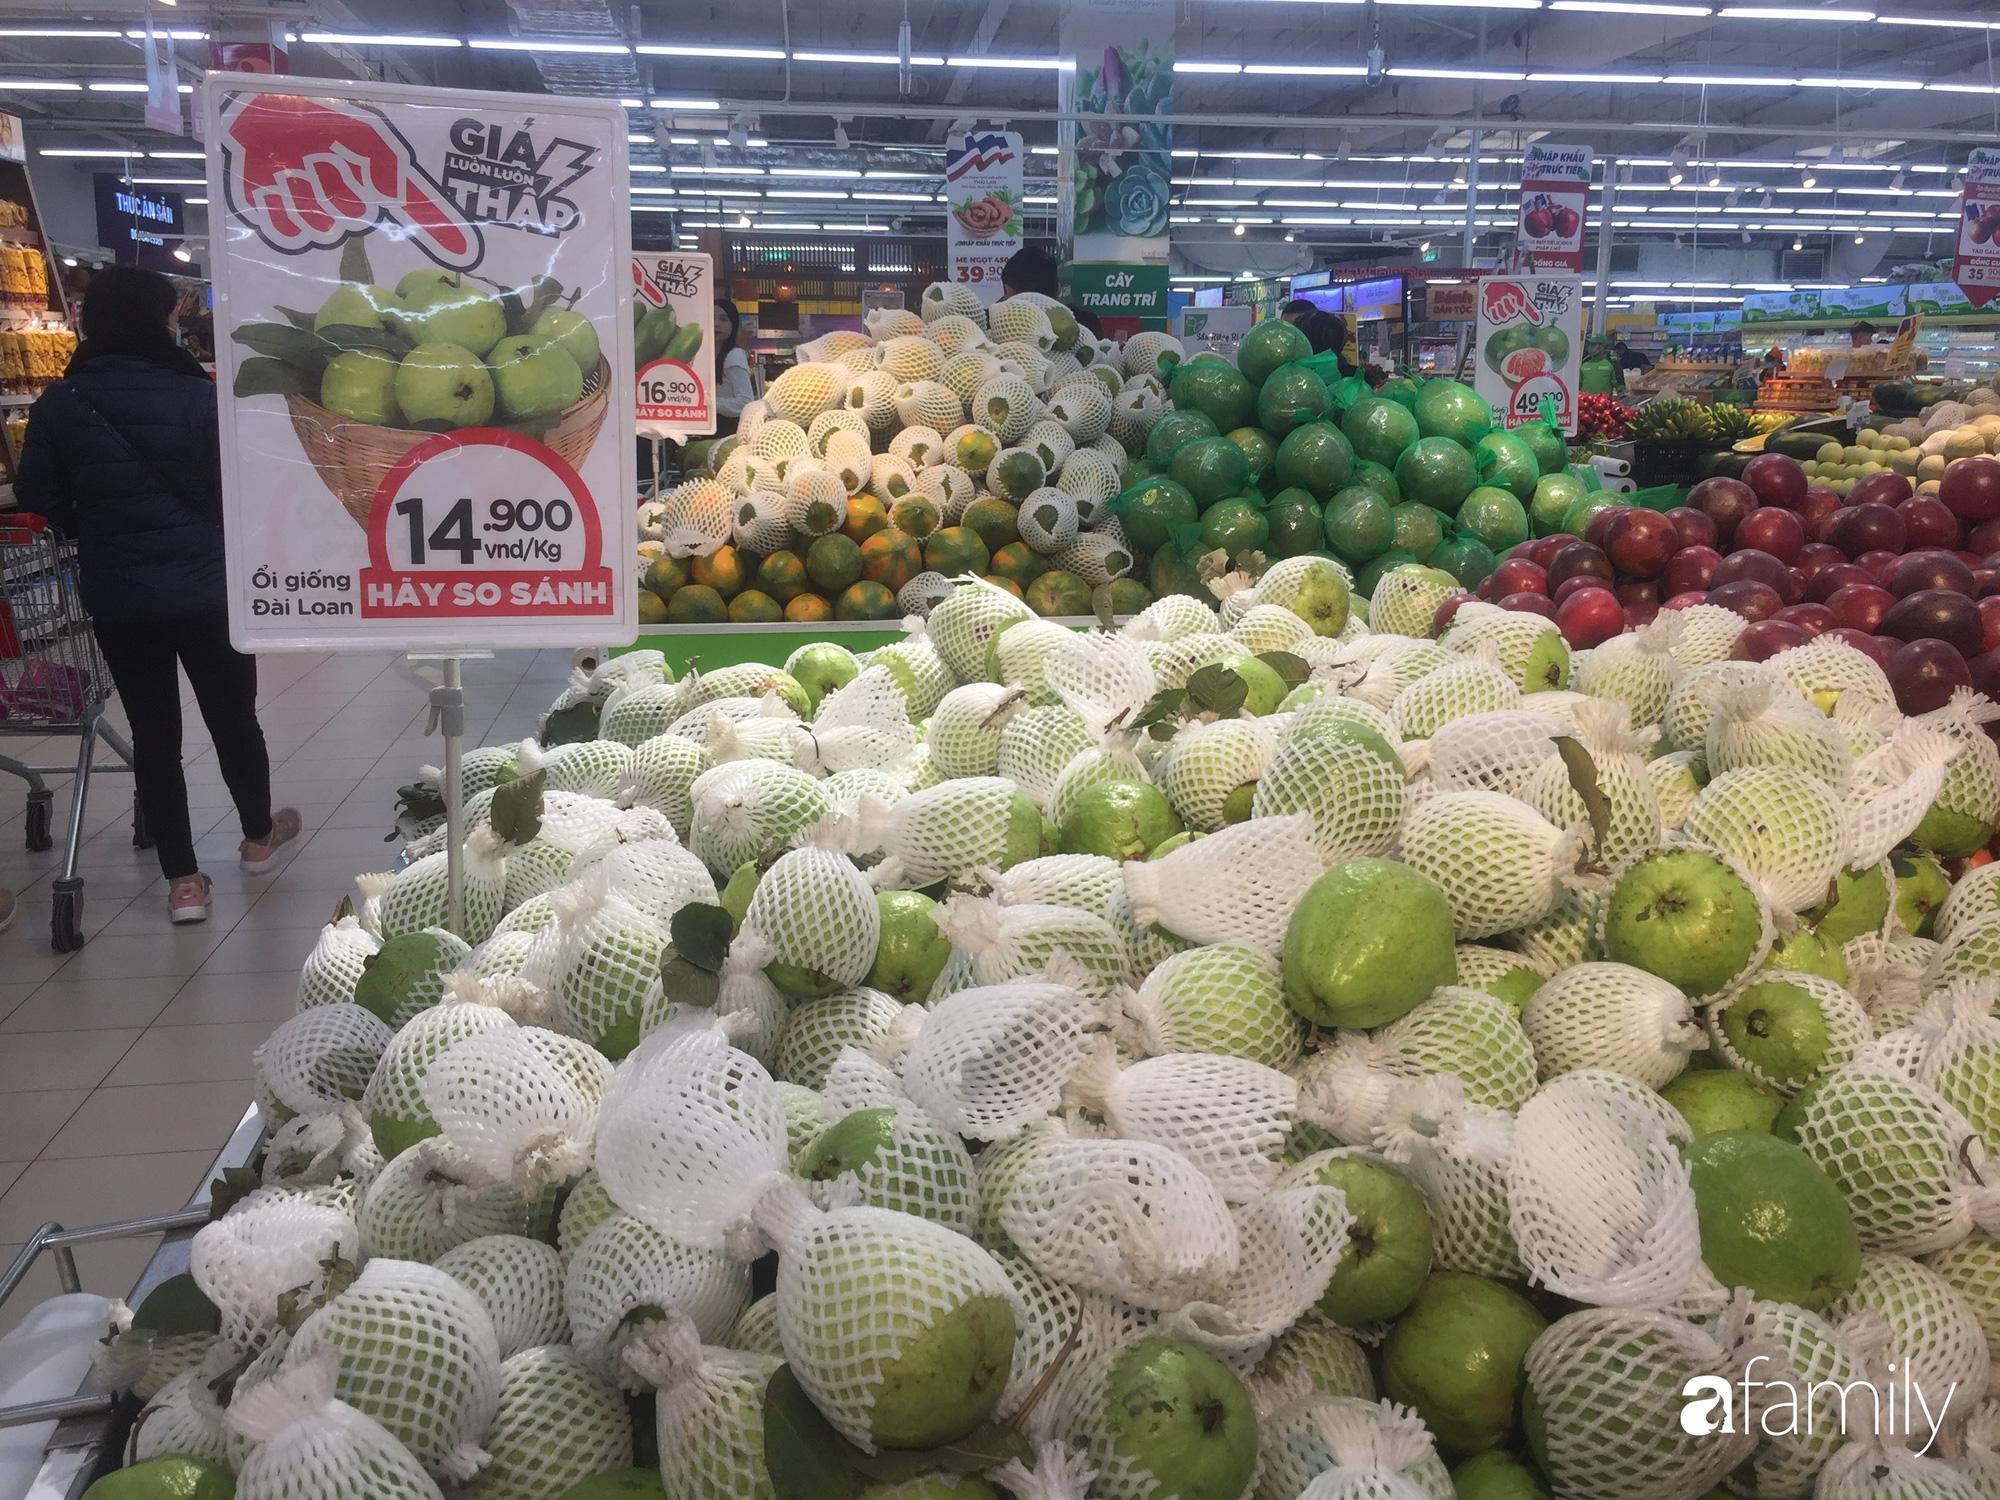 Giá hoa quả trong siêu thị rẻ gấp 3 lần so với thời điểm trước Tết, dưa hấu còn 6.700 đồng/kg - Ảnh 6.